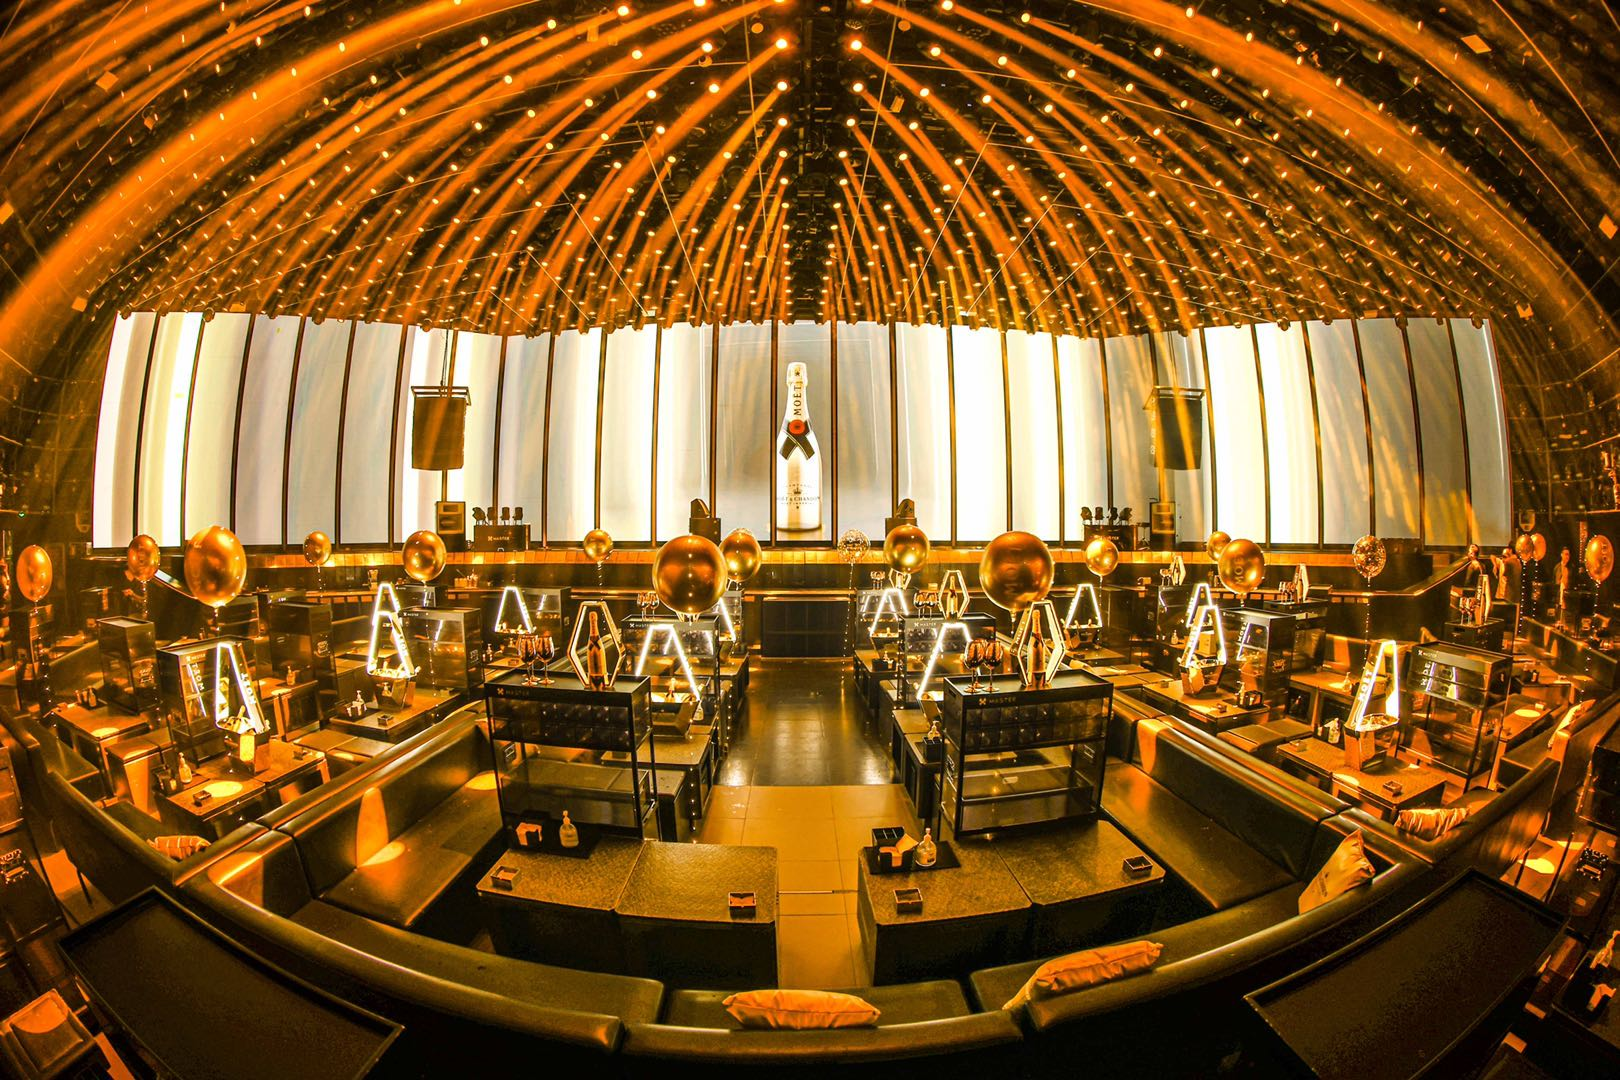 图片包含 室内, 建筑, 大, 桌子 描述已自动生成